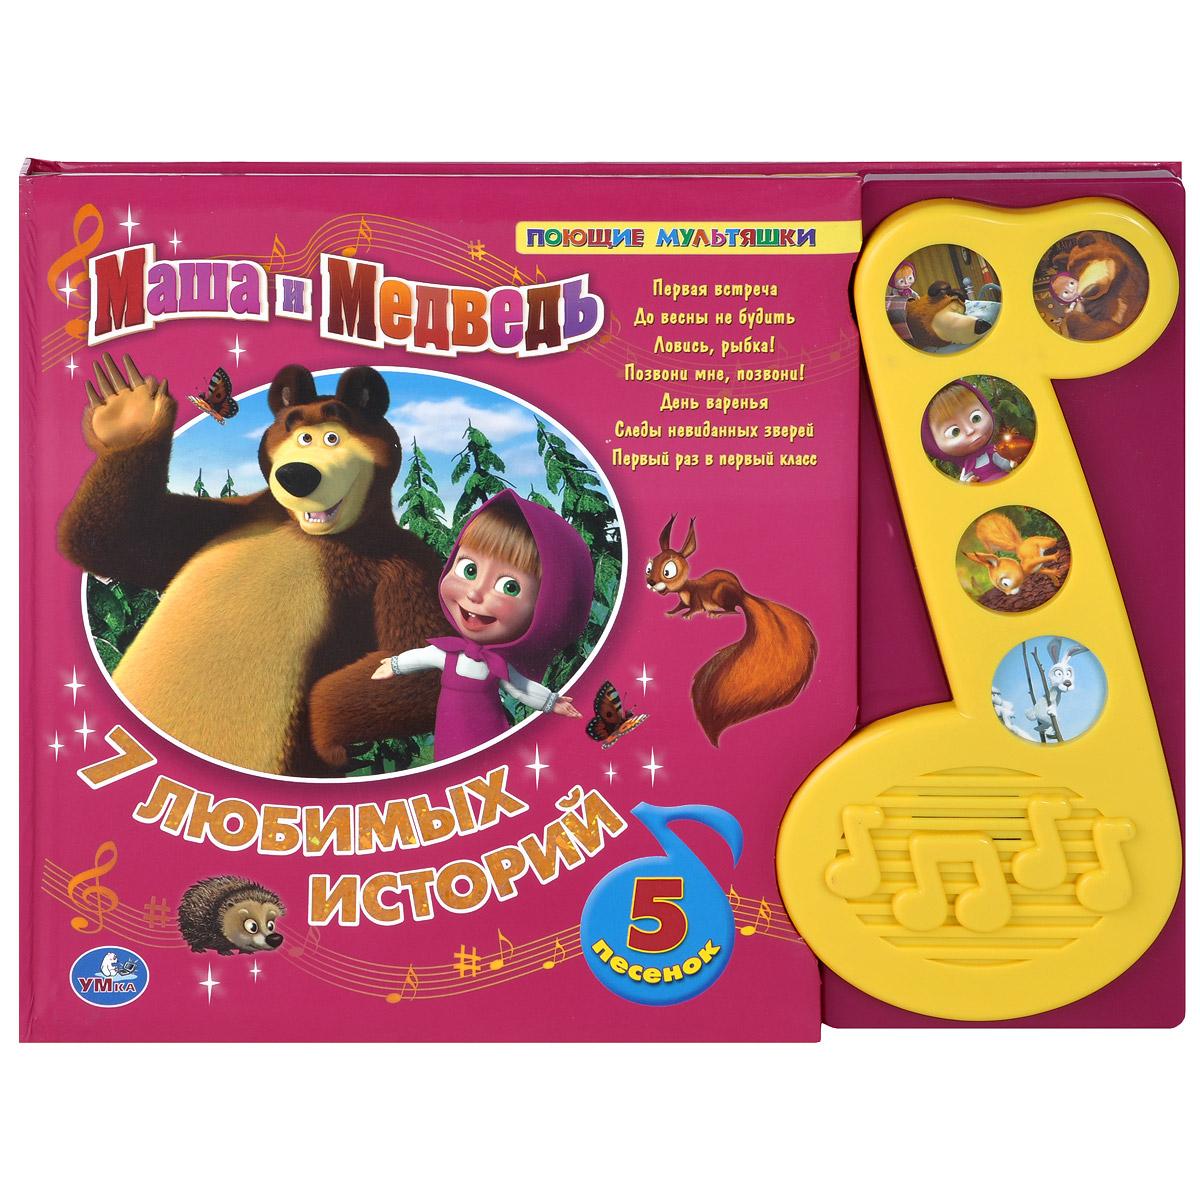 Маша и Медведь. Семь любимых историй. Книжка-игрушка детский столик nika маша и медведь ку1 6 позвони мне